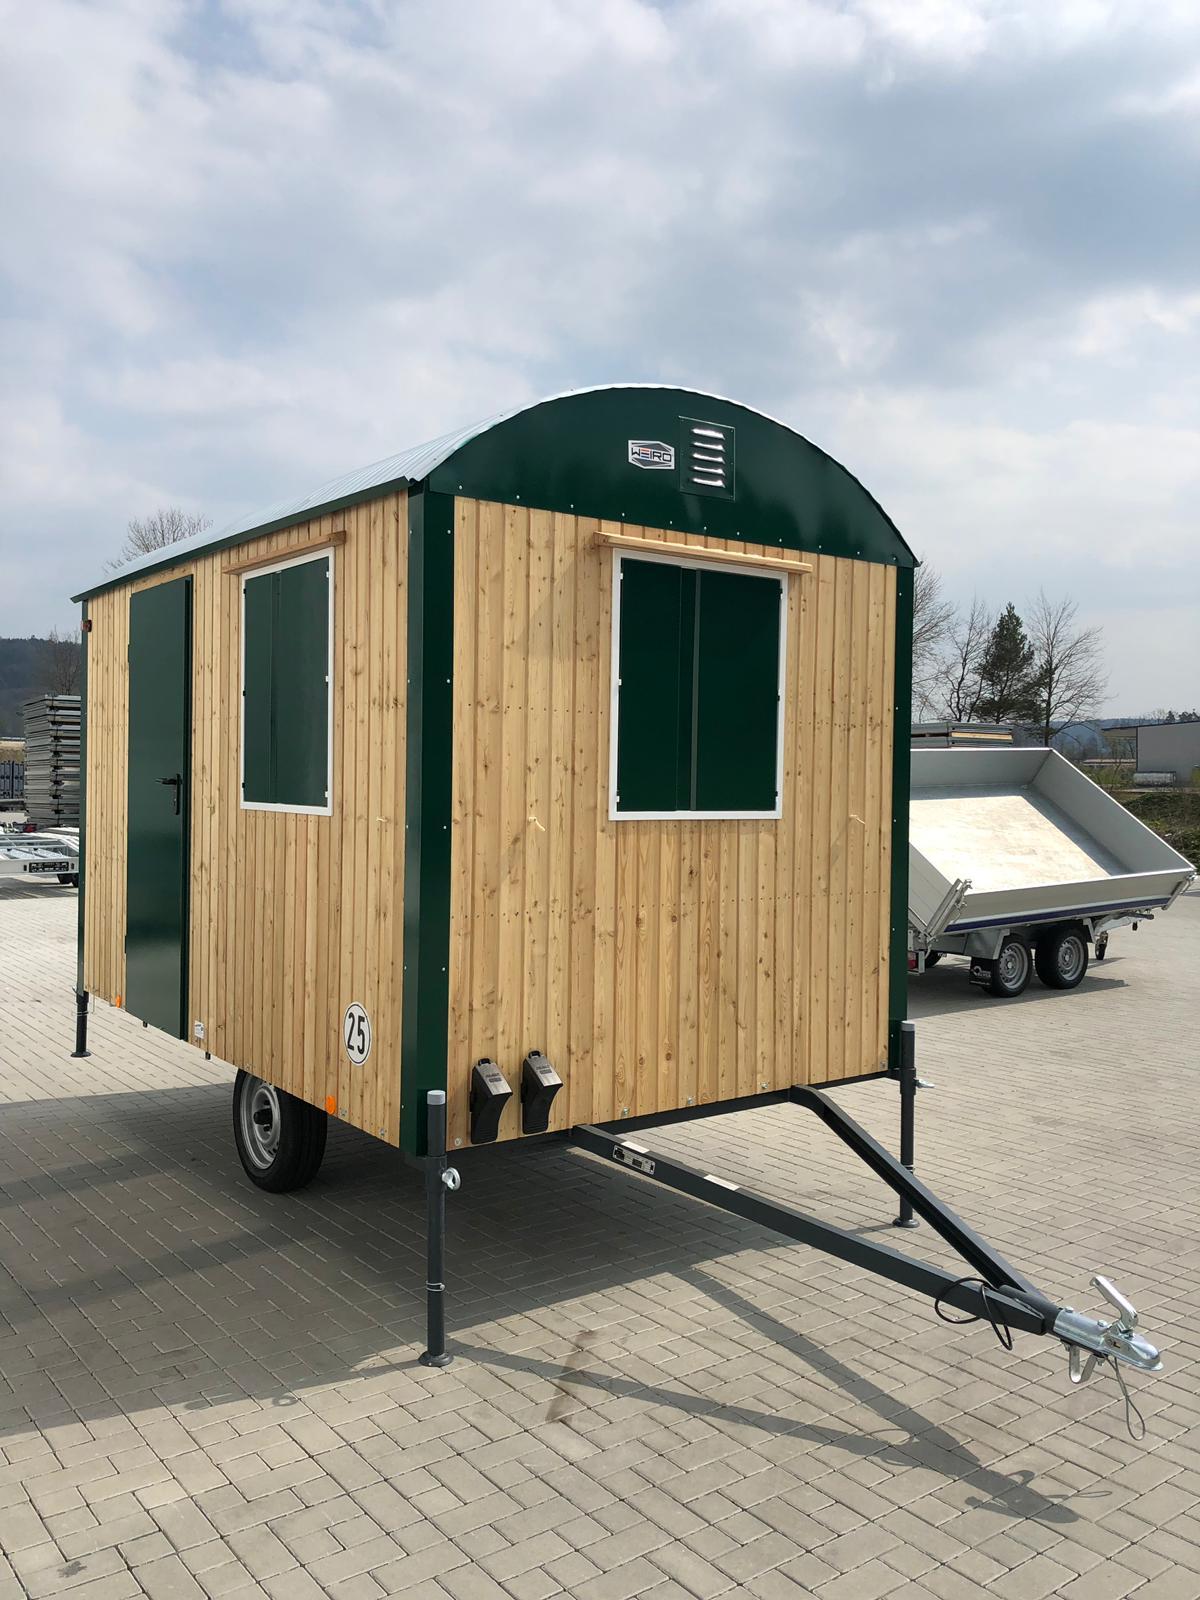 Freizeitwagen Aus Holz 25km H Mit Kompletter Einrichtung 350cm 210cm 230cm